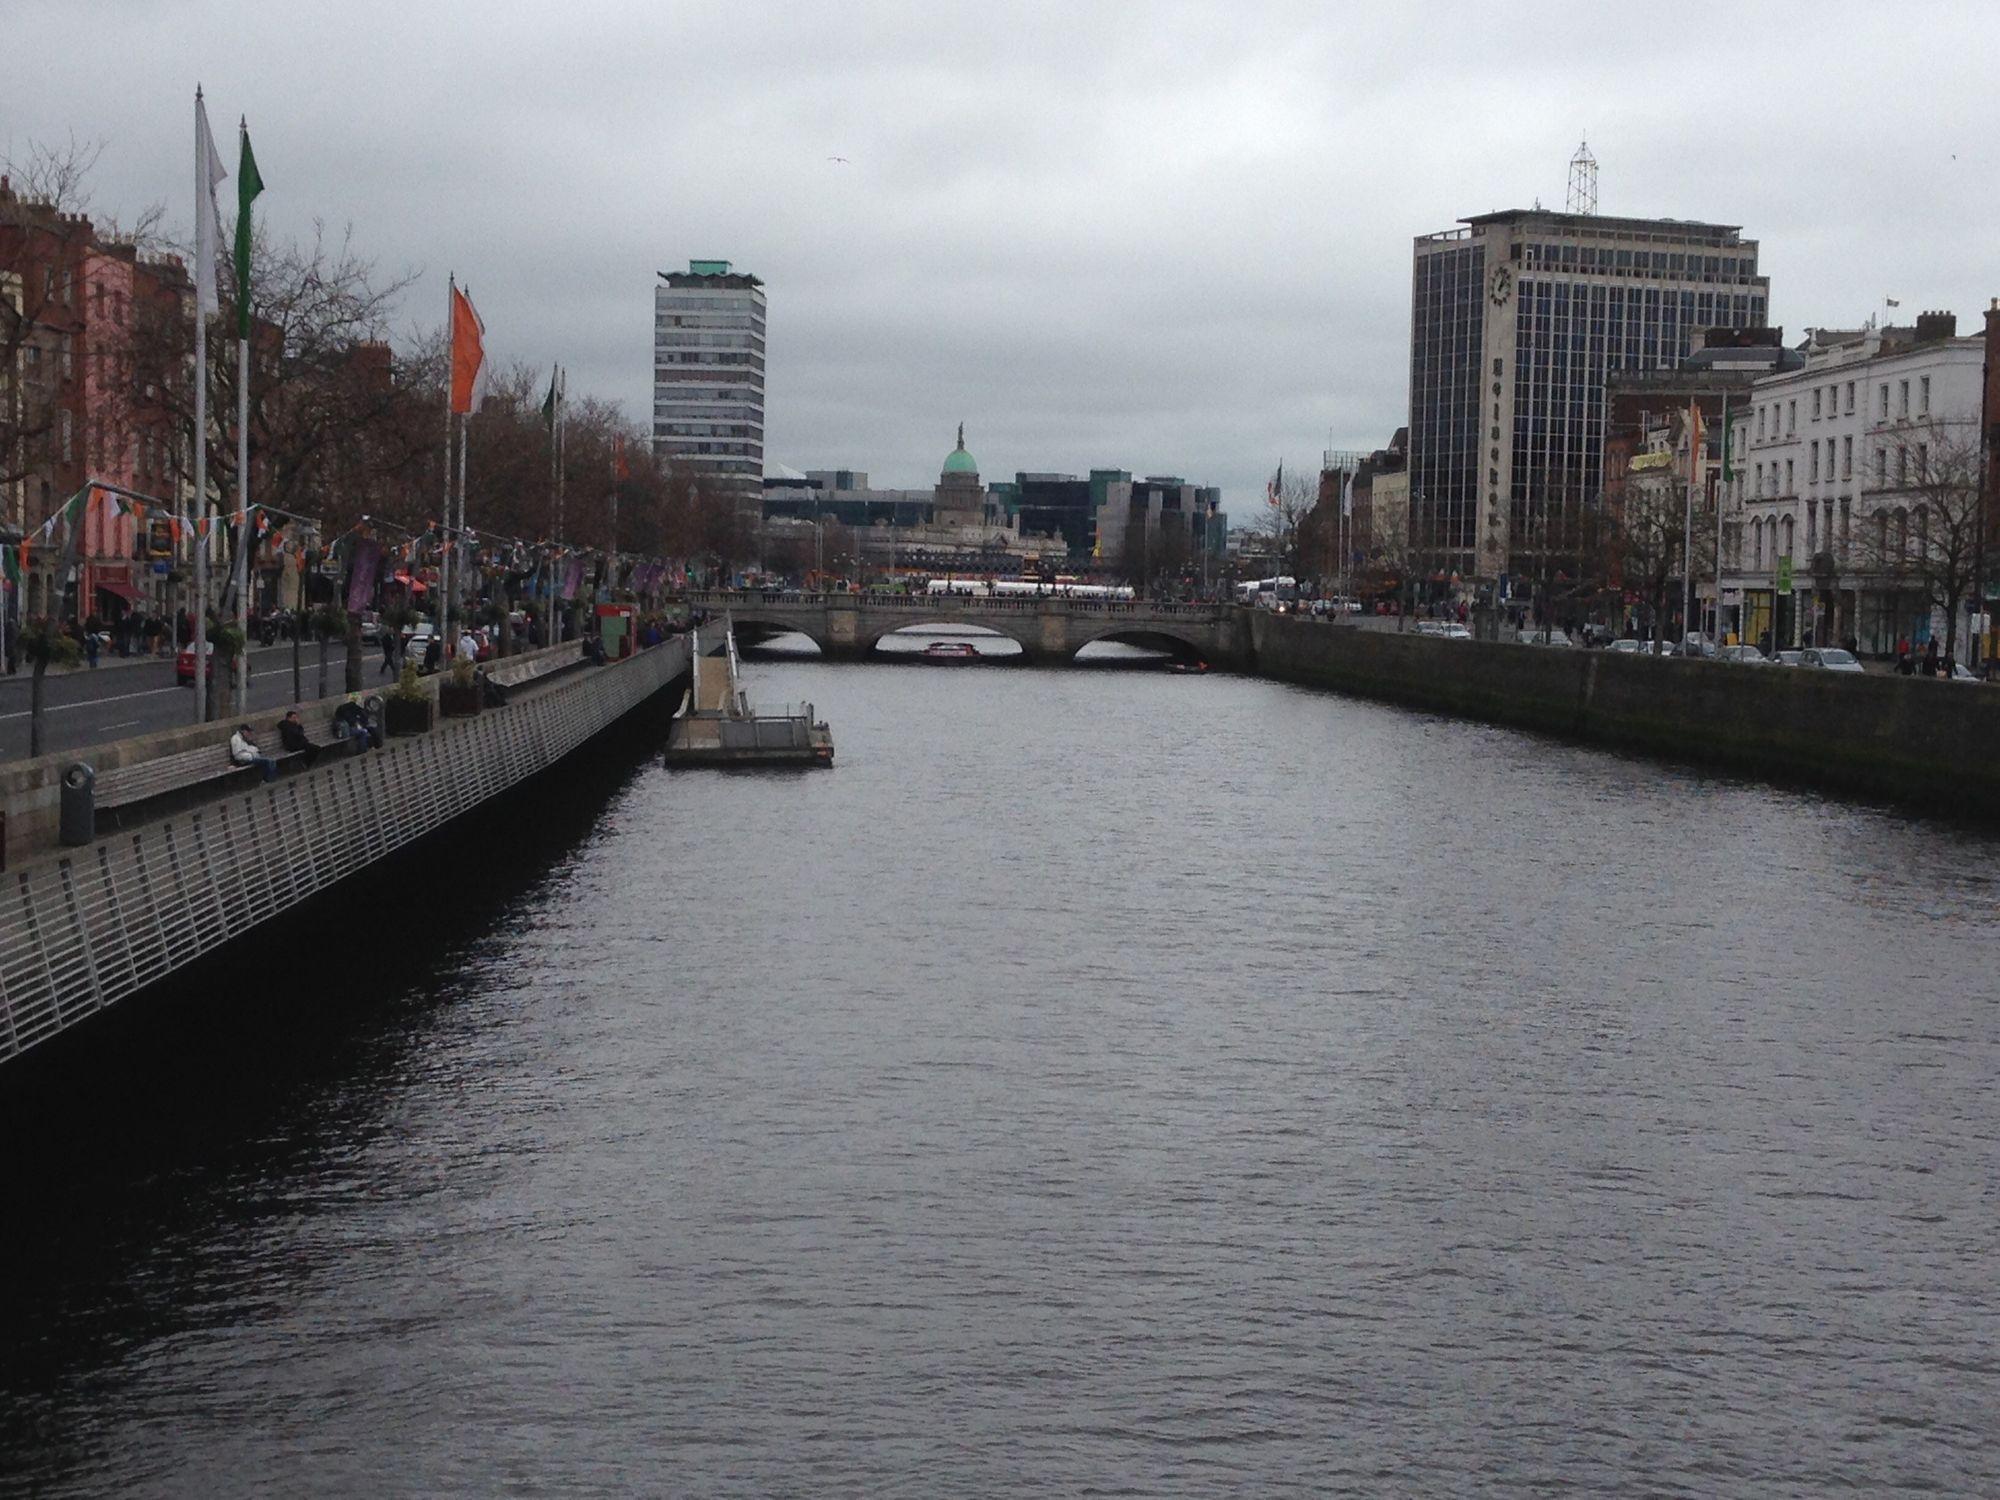 Cinco cosas que hacen de Dublinuna ciudad mágica